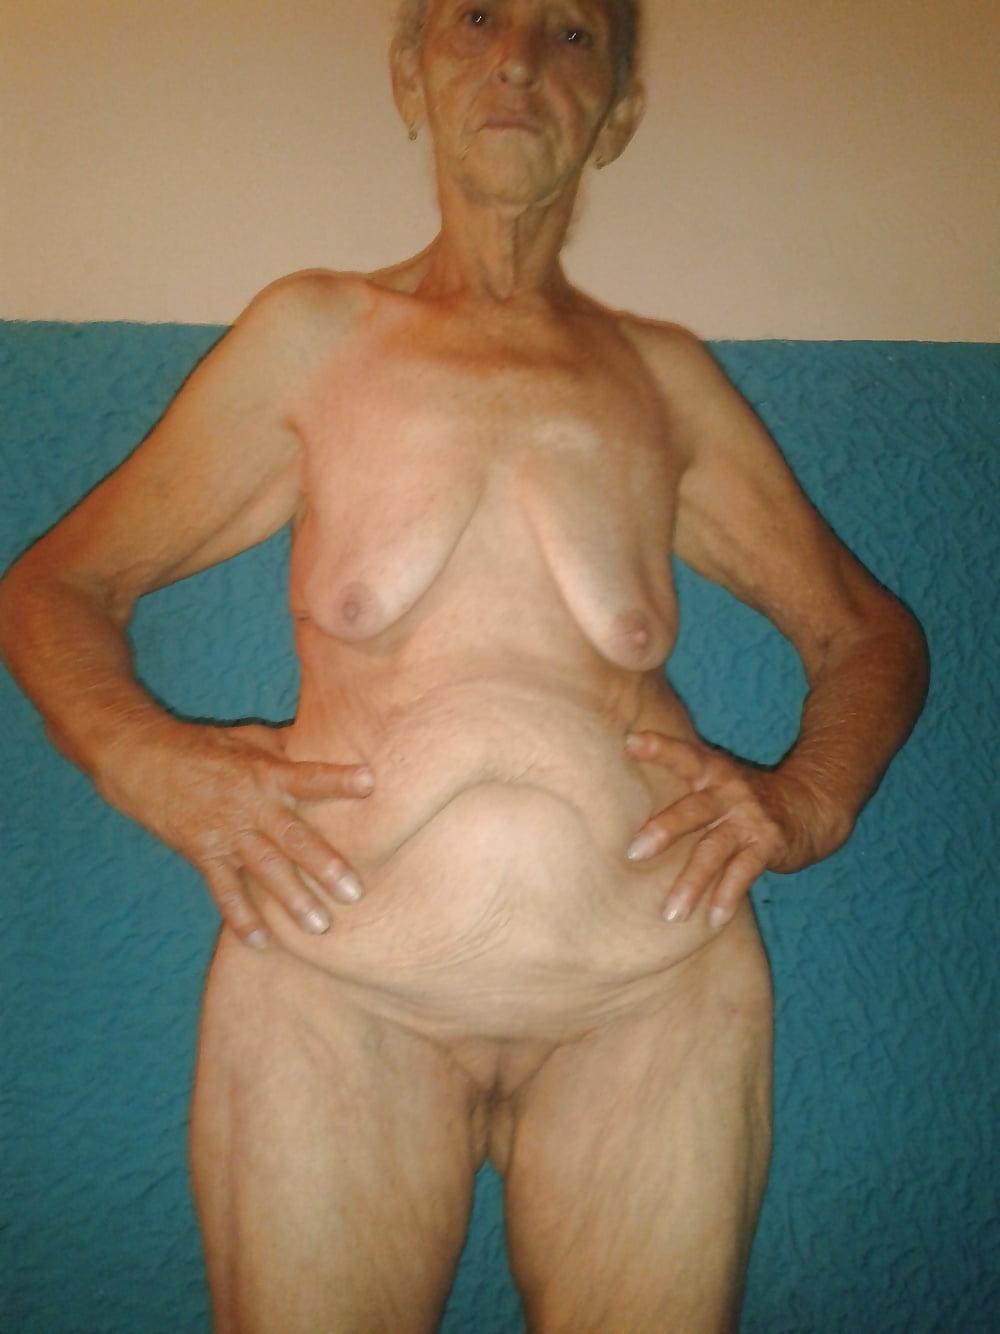 Real amateur european granny pics, wife hidden cum